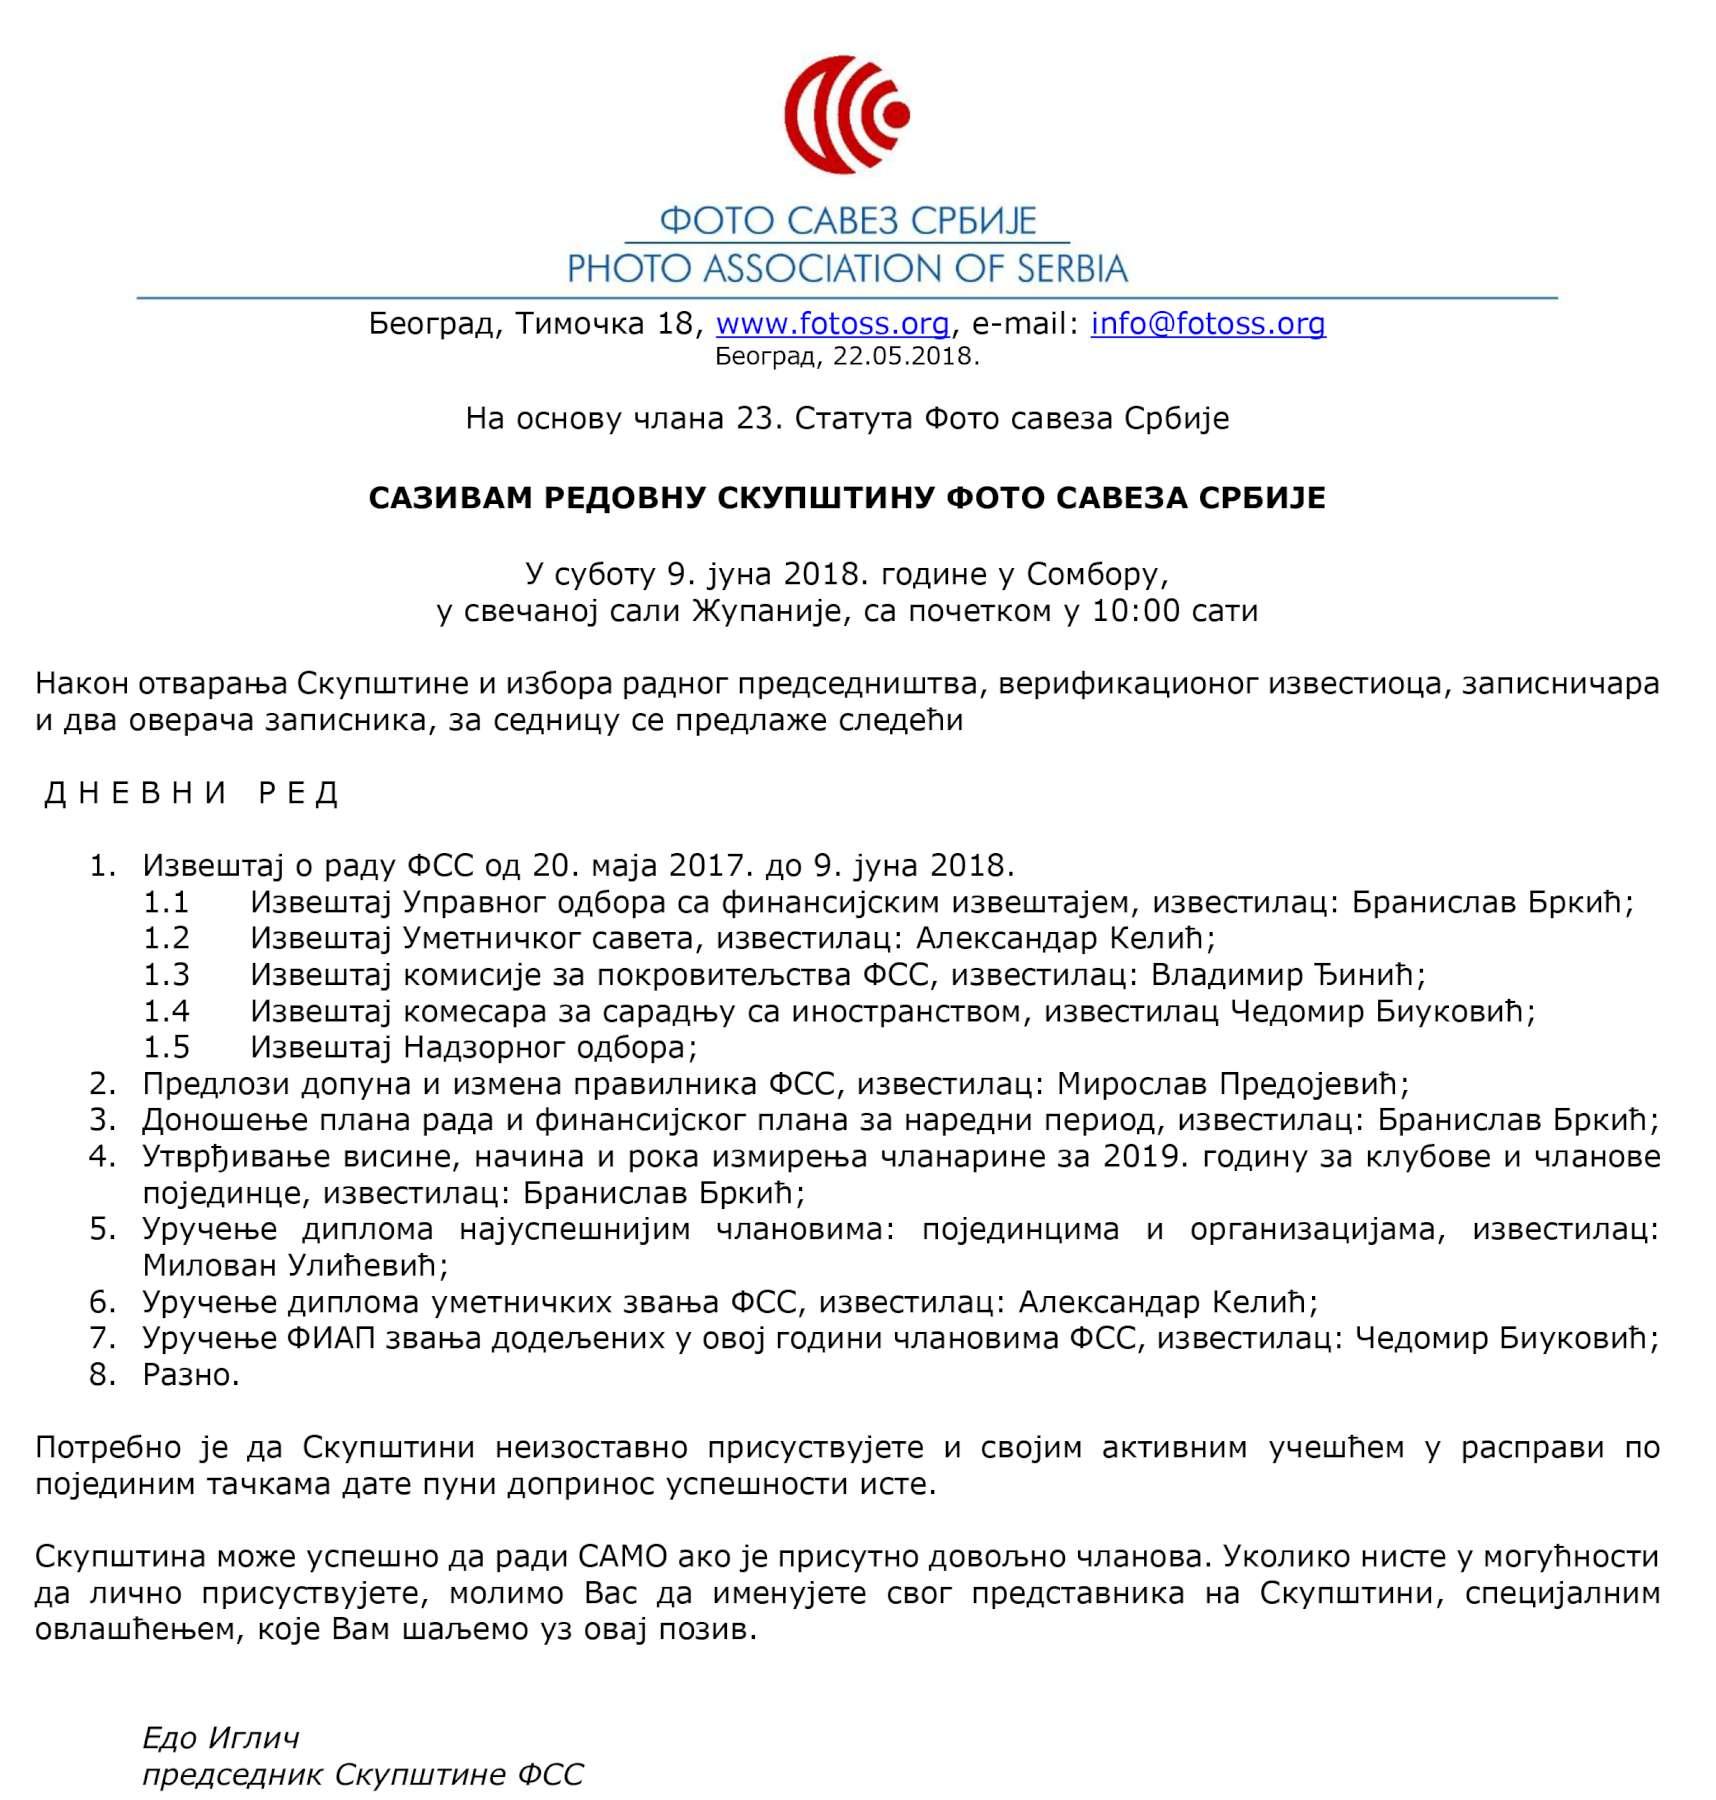 00 Poziv za Skupstinu FSS 2018-1800